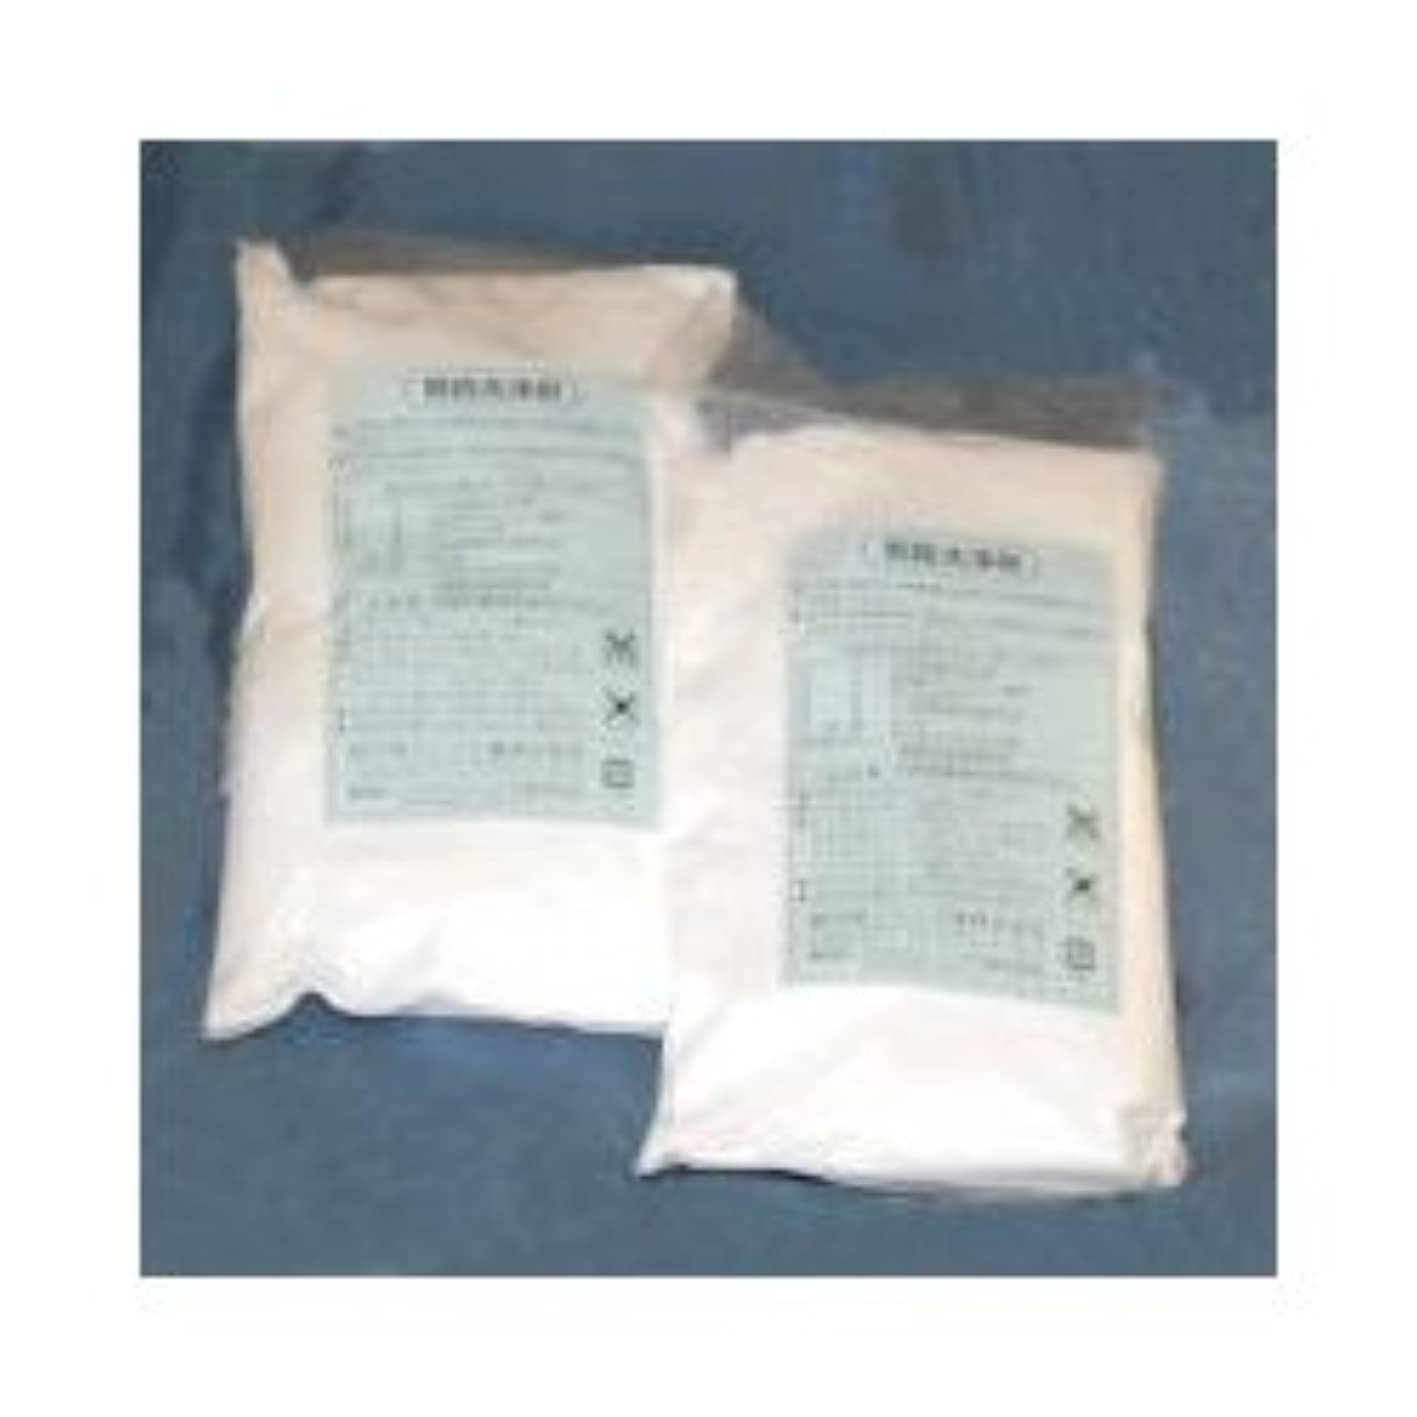 ジャノメ 管路洗浄剤 1袋